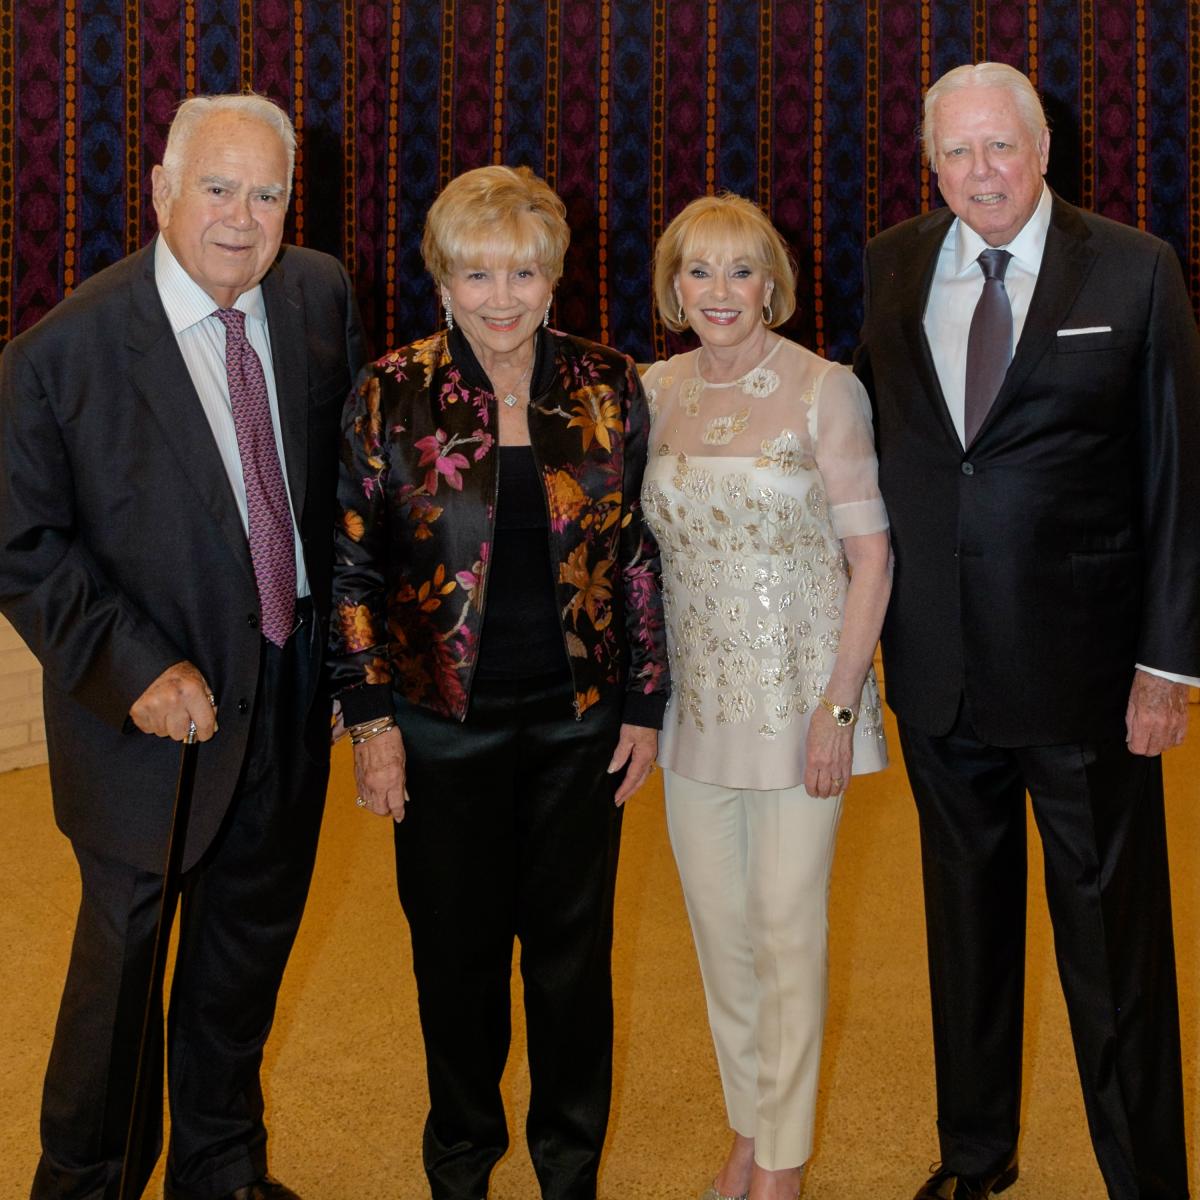 Jack Williamson, Roberta Williamson, Jamie Jordan, Don Jordan